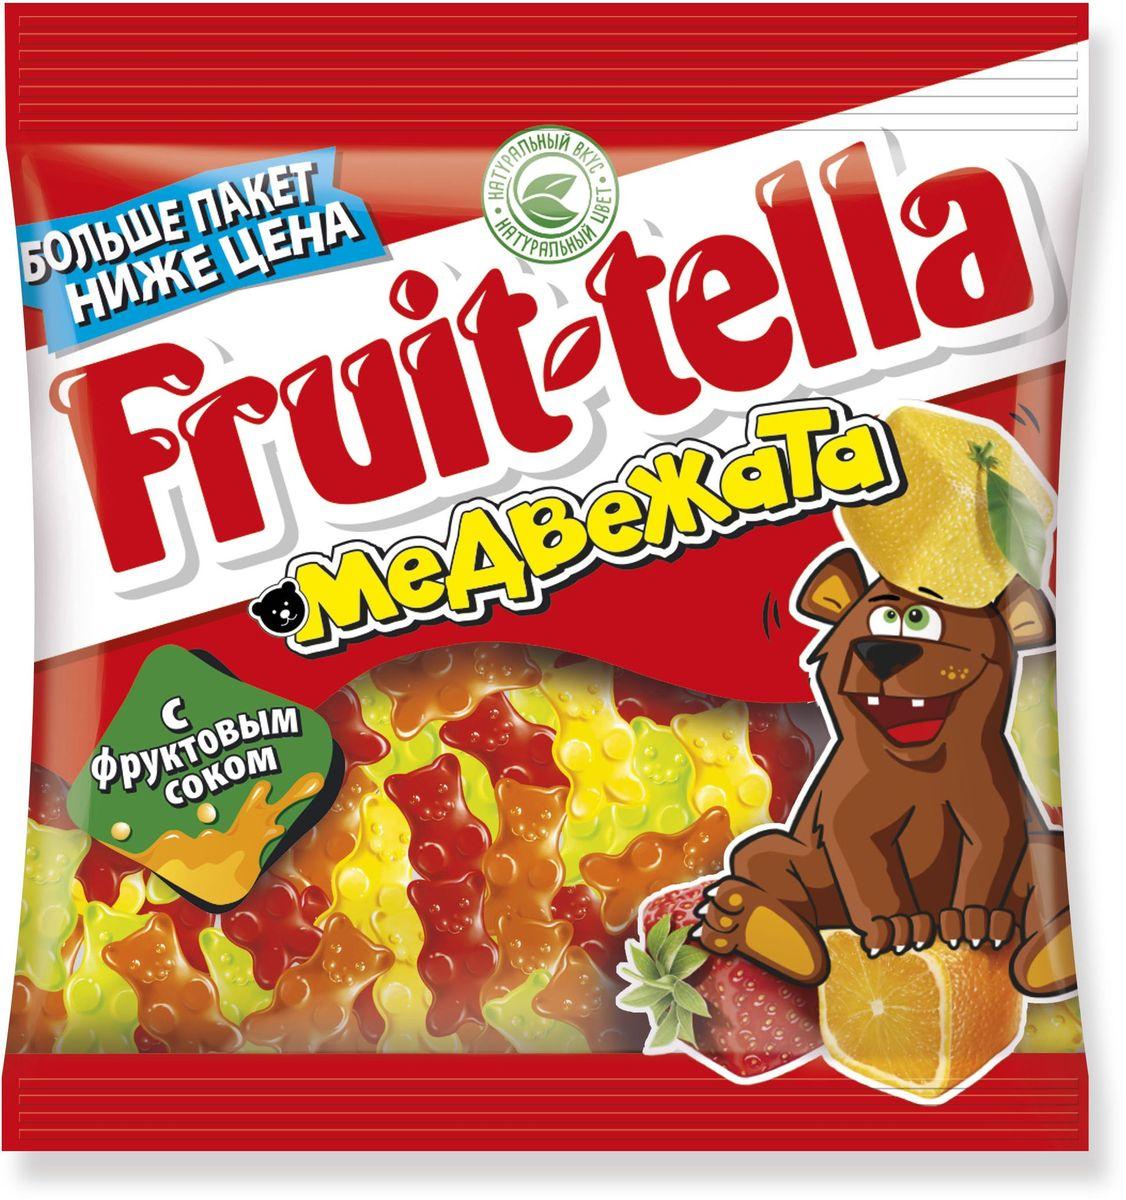 Сочные жевательные конфеты и мармелад Fruit-tella дарят детям и взрослым всю радугу цветов и вкусов: от апельсина и яблока до черной смородины и клубники! Они изготовлены по уникальной рецептуре с использованием только натуральных компонентов – фруктов, овощей и фруктовых соков!